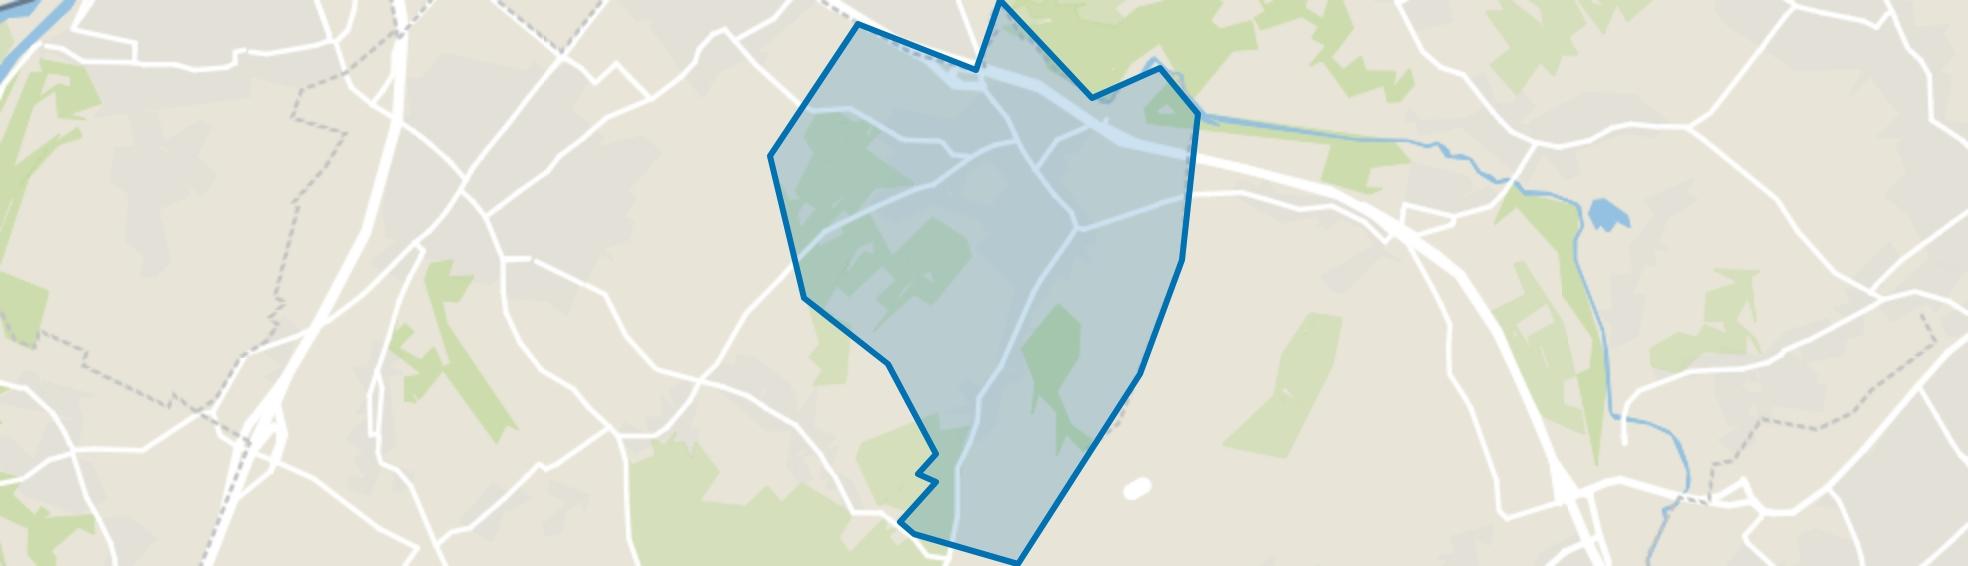 Spaubeek, Spaubeek map